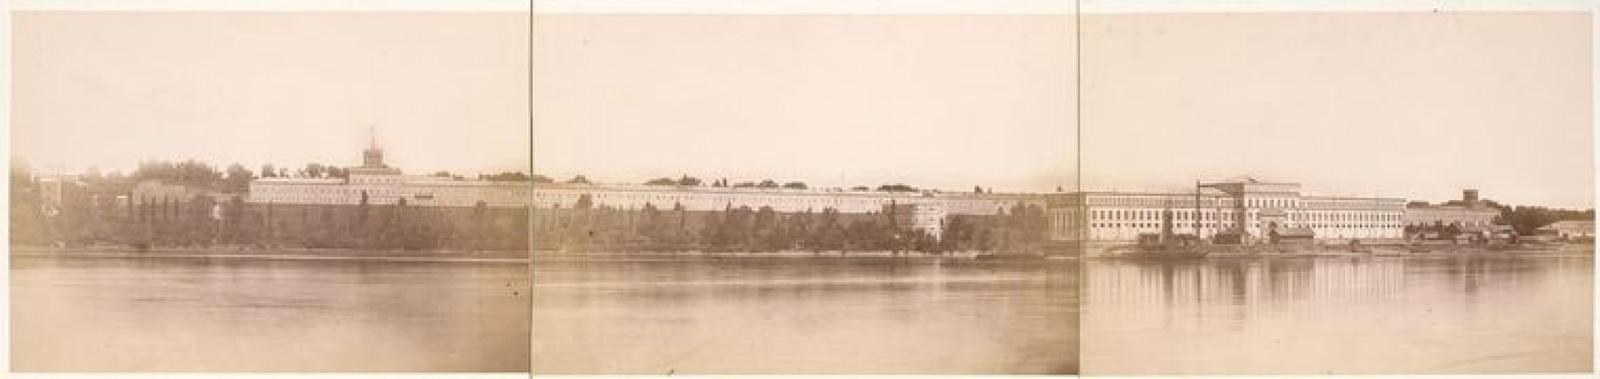 16. Правый берег реки Висла. Вид на крепость